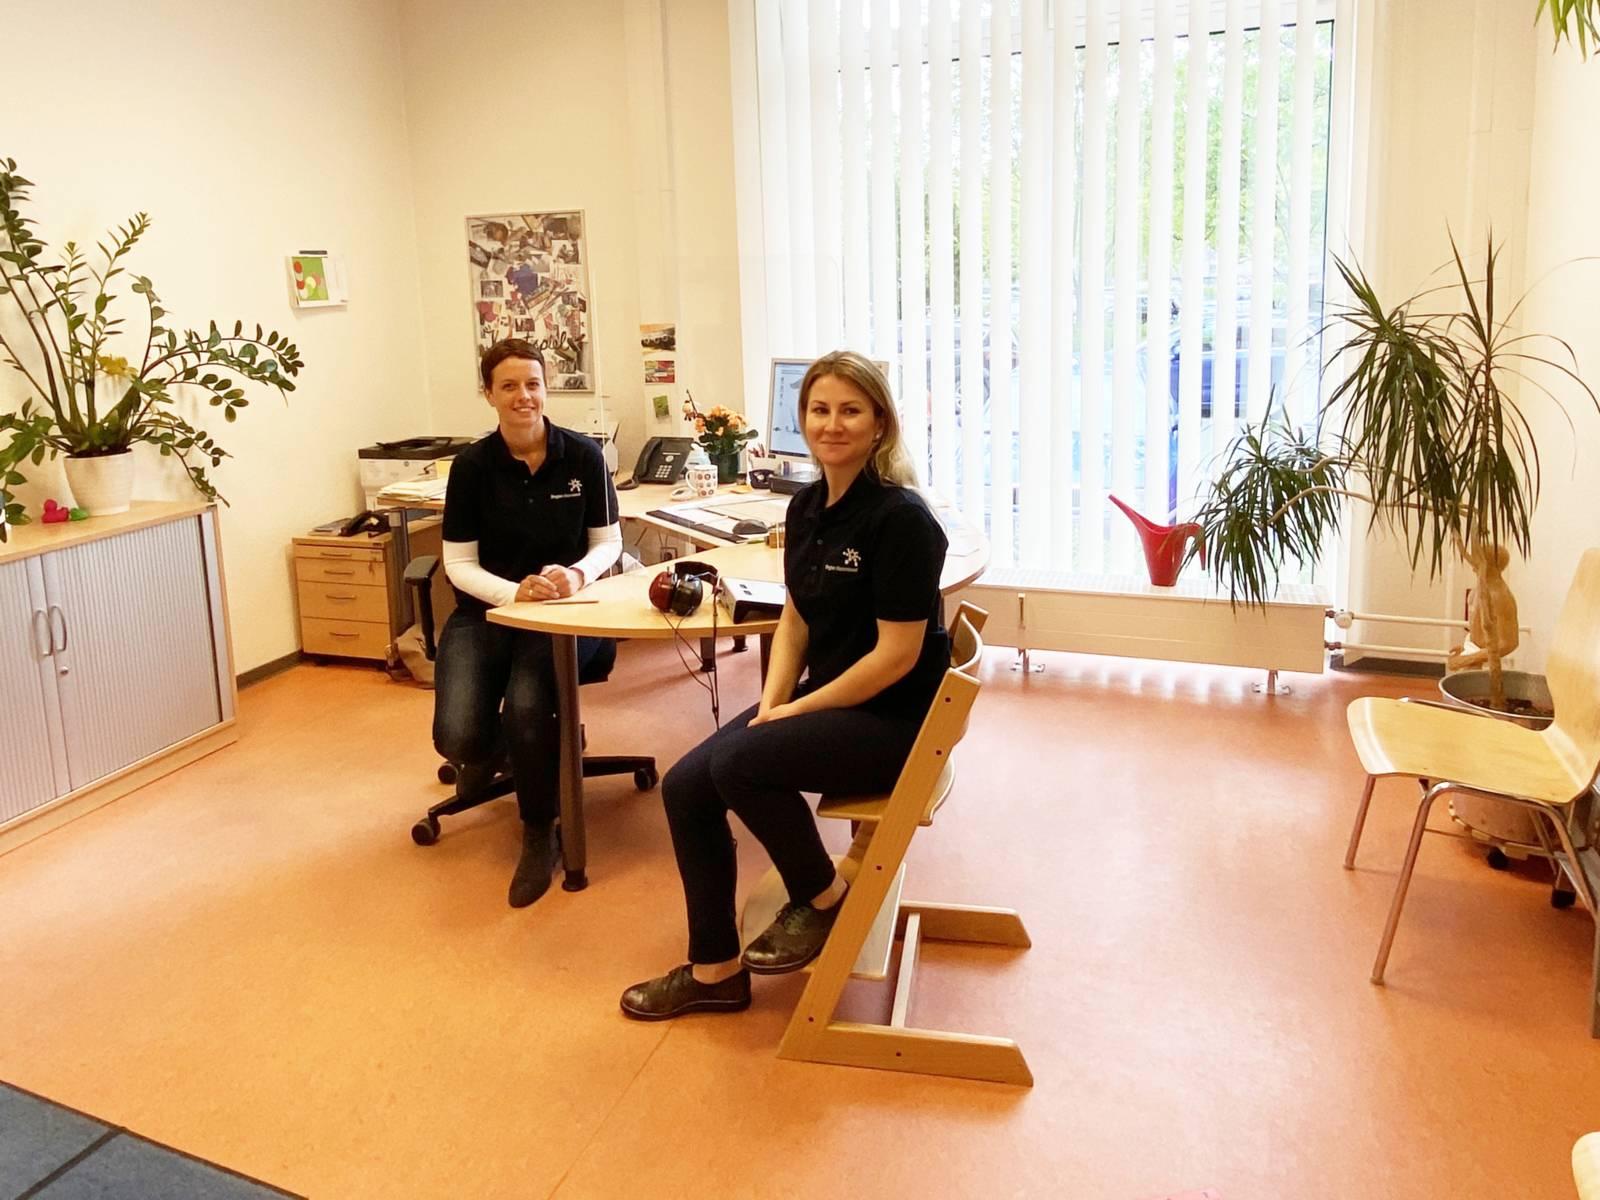 Zwei Frauen, die an einem Schreibtisch mit Besprechungstisch sitzen